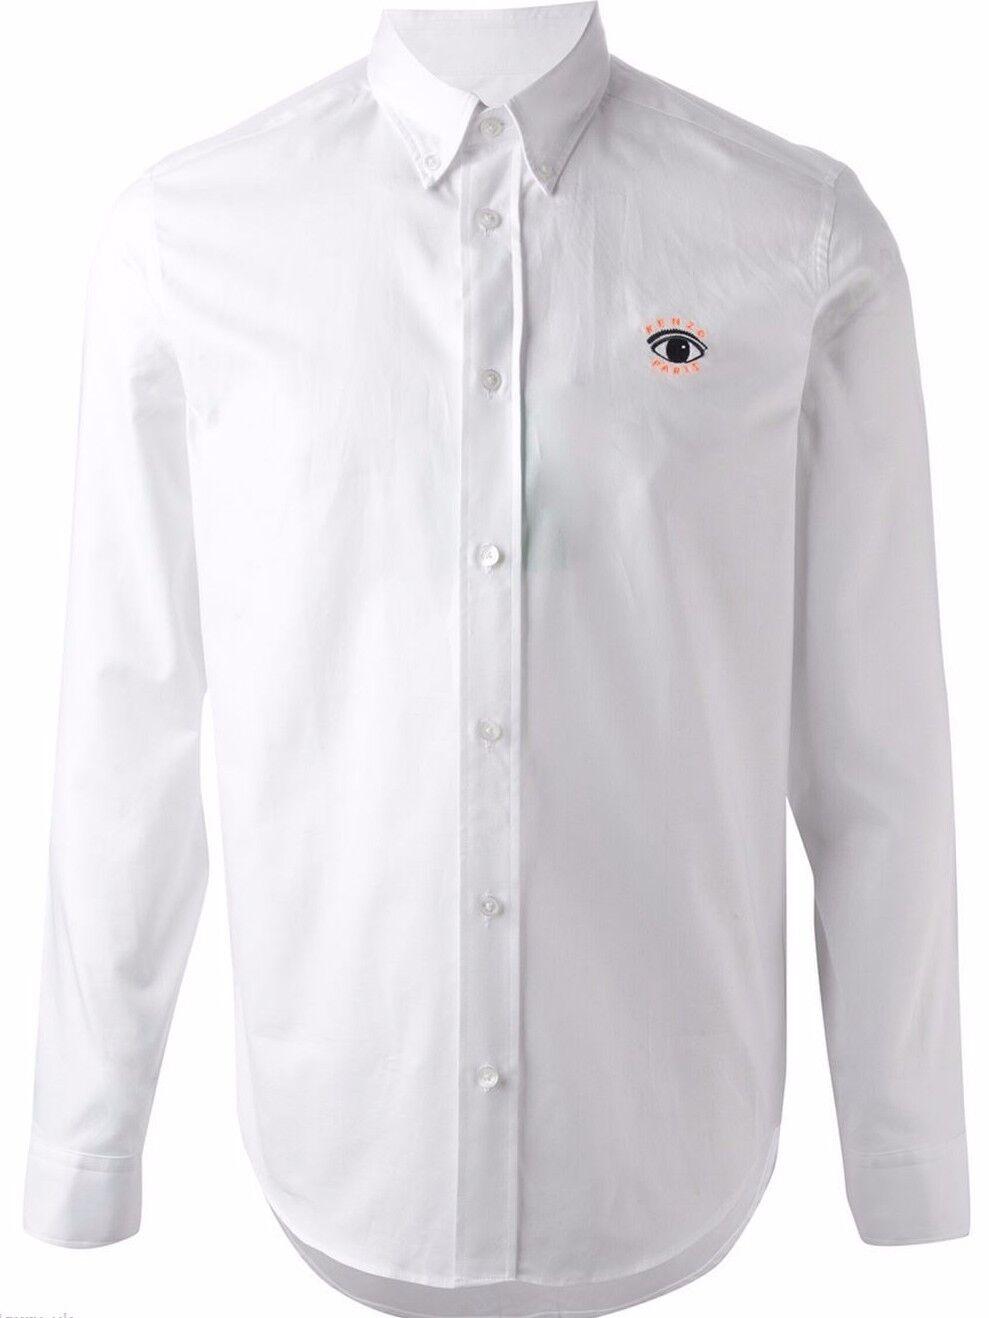 Kenzo Mens Eye Button Down Shirt 100% Cotton White Sz 42 16.5 - XL BNWT